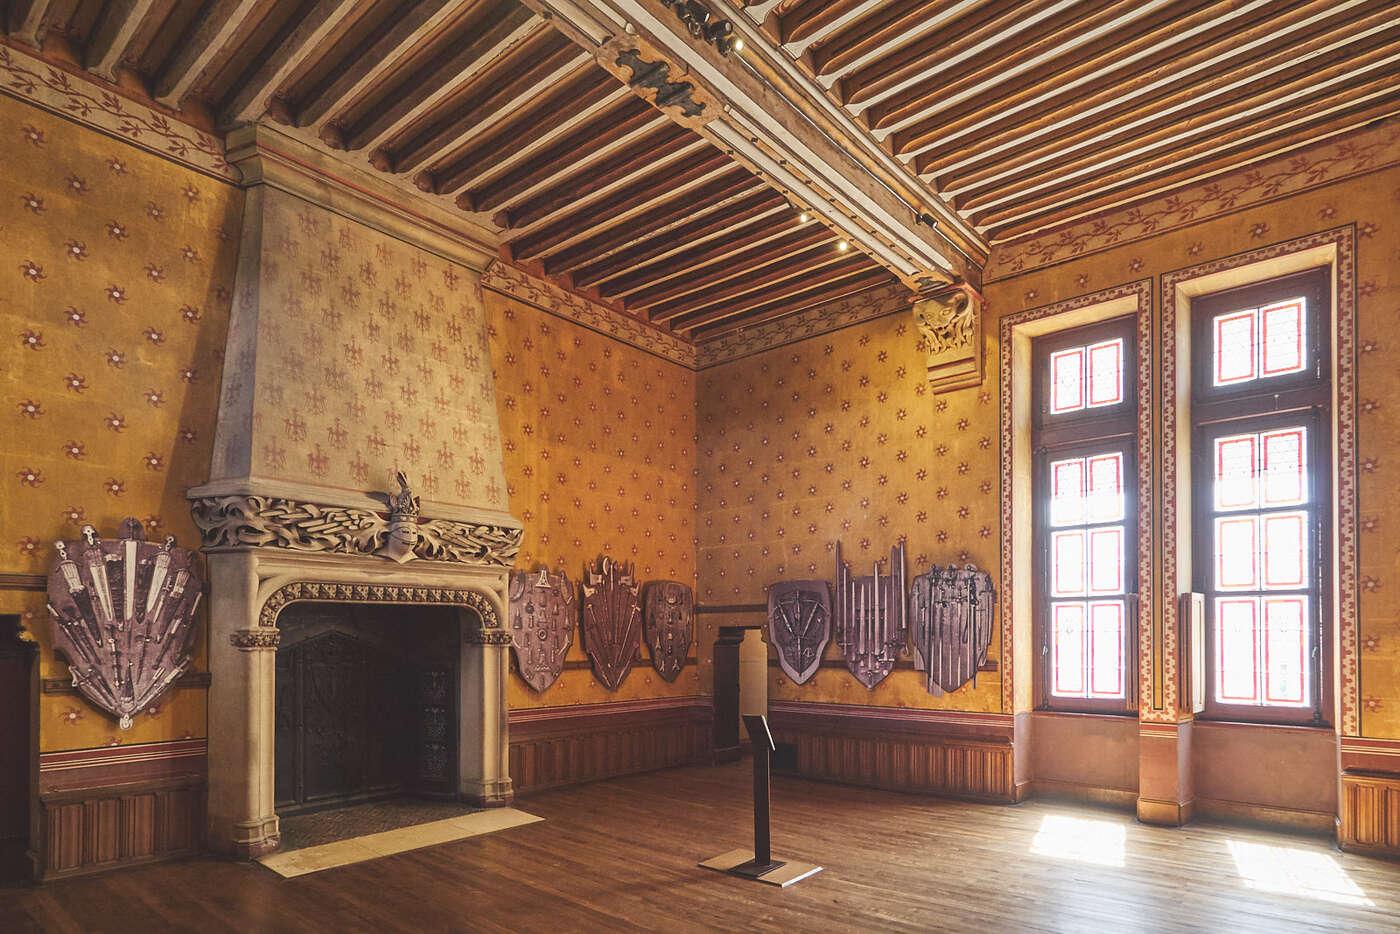 Salle d'armes du château de Pierrefonds